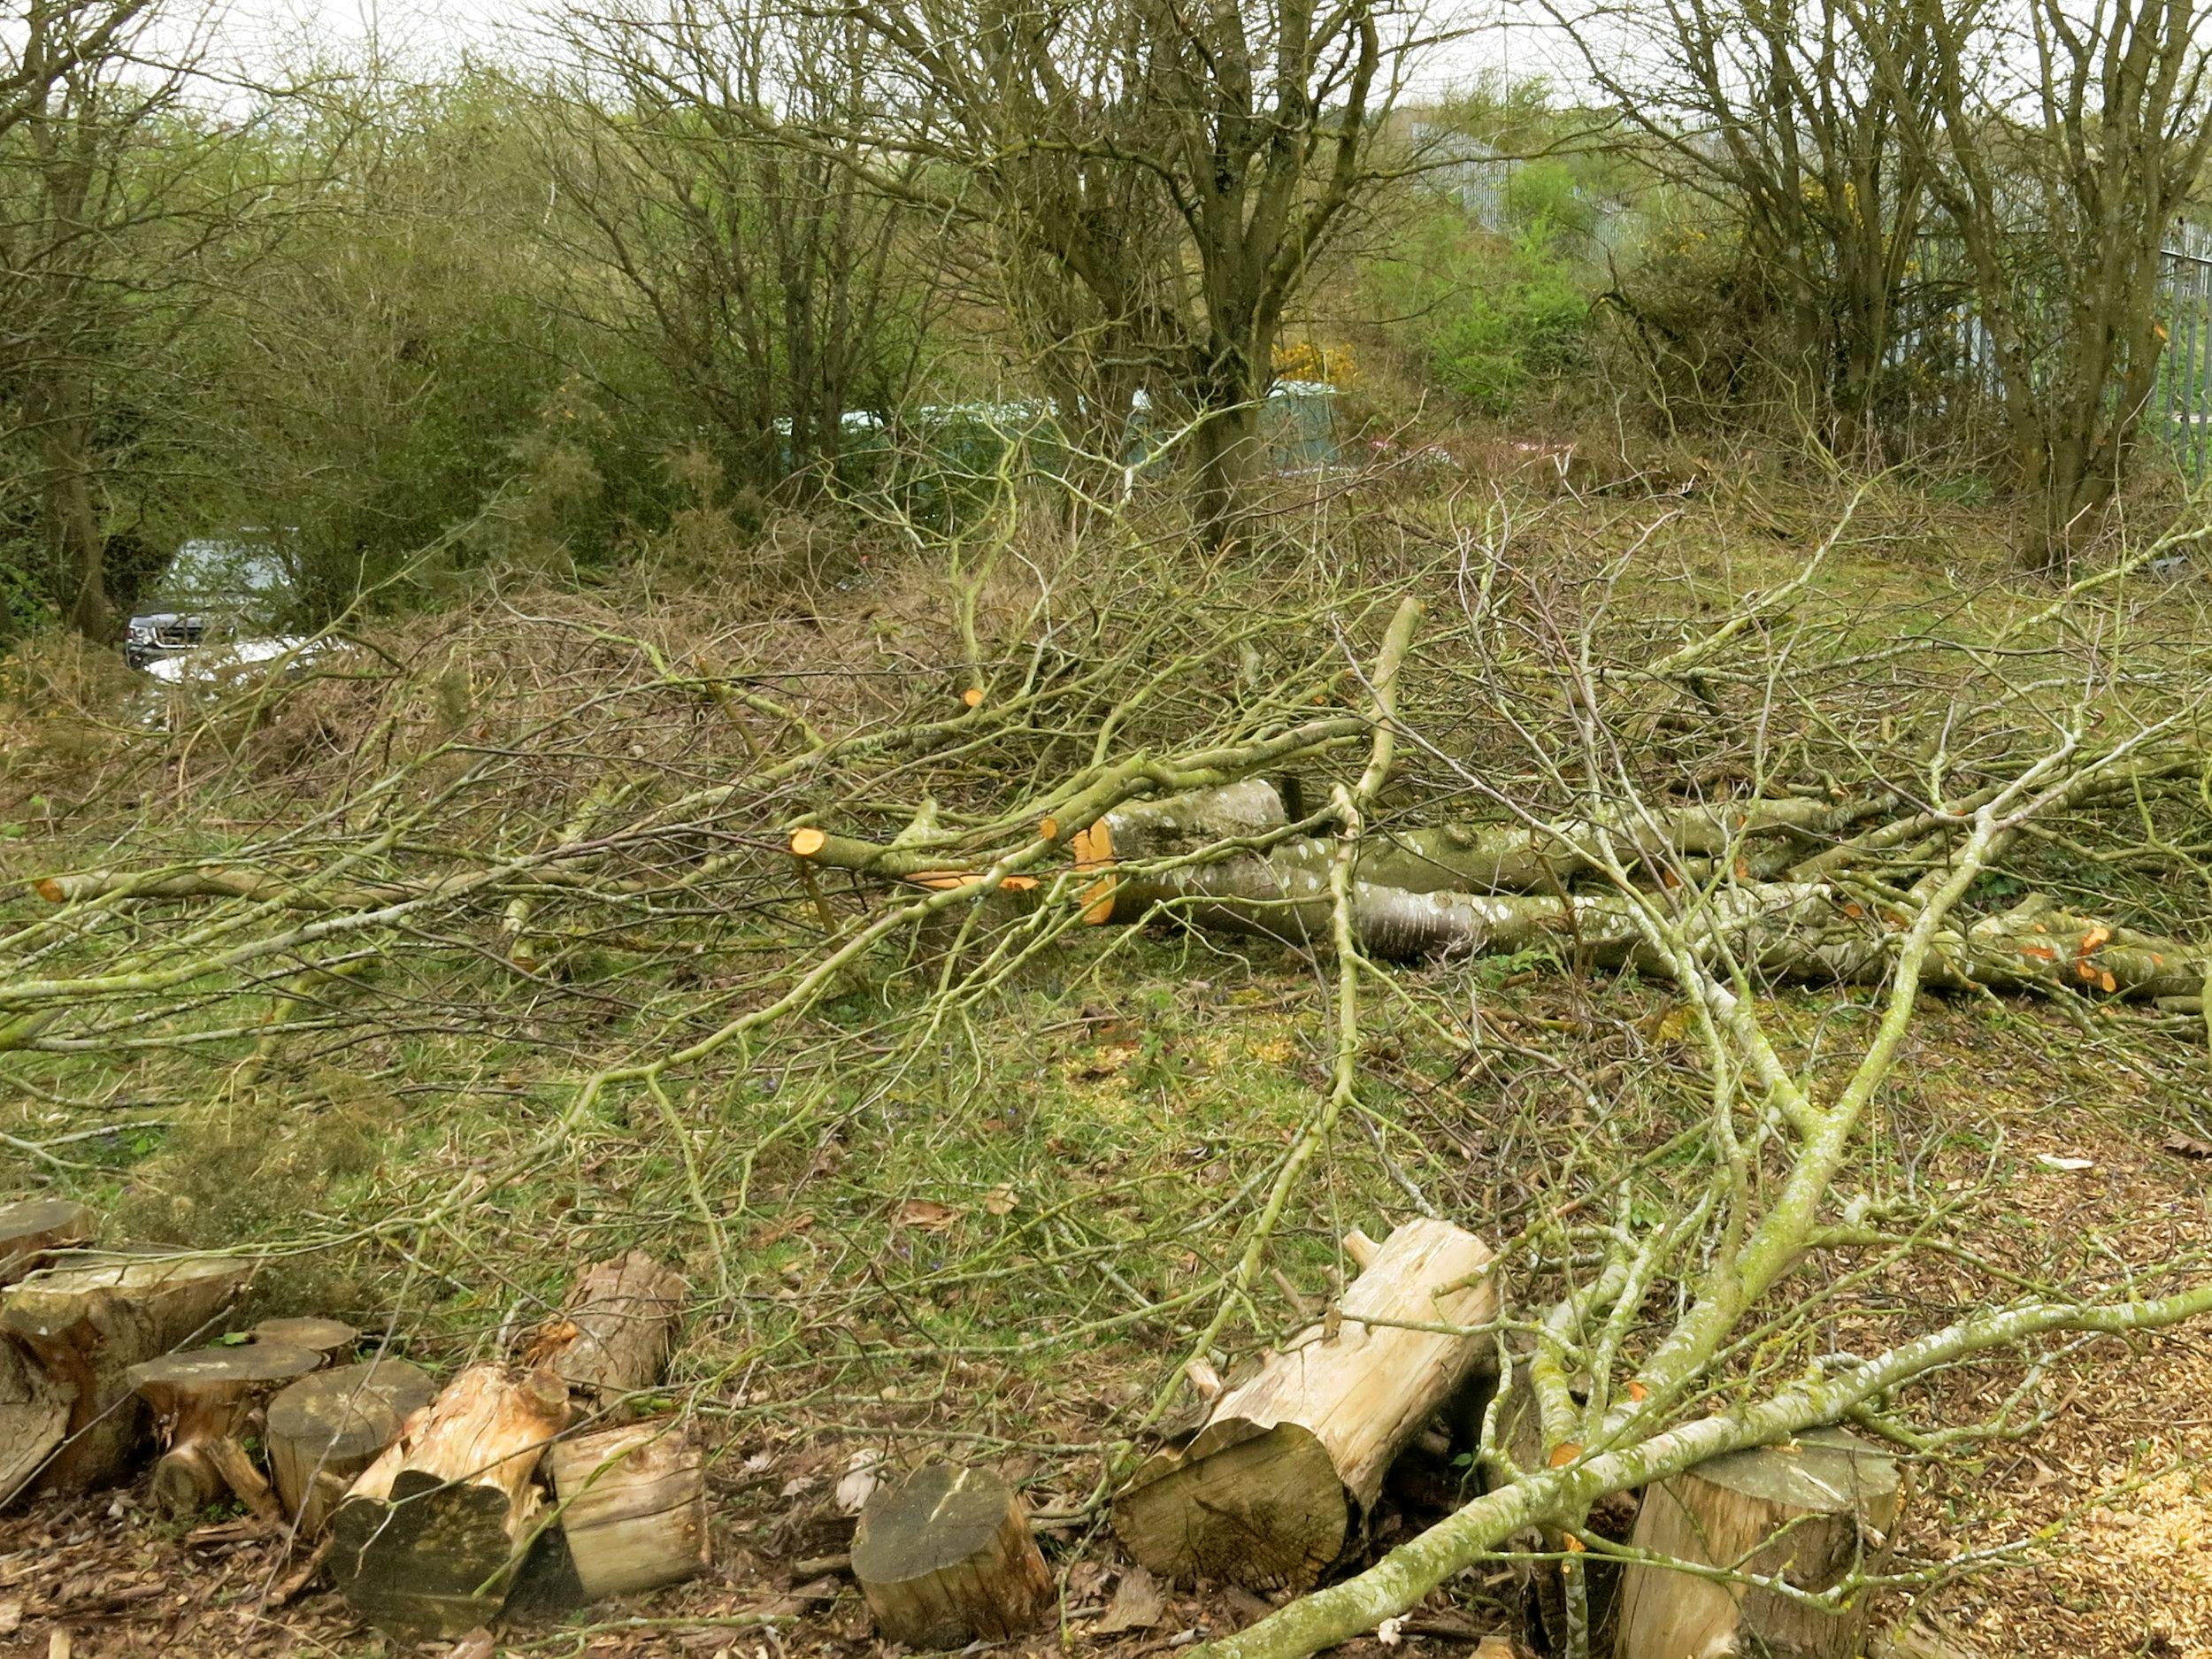 woodland management and habitat creation